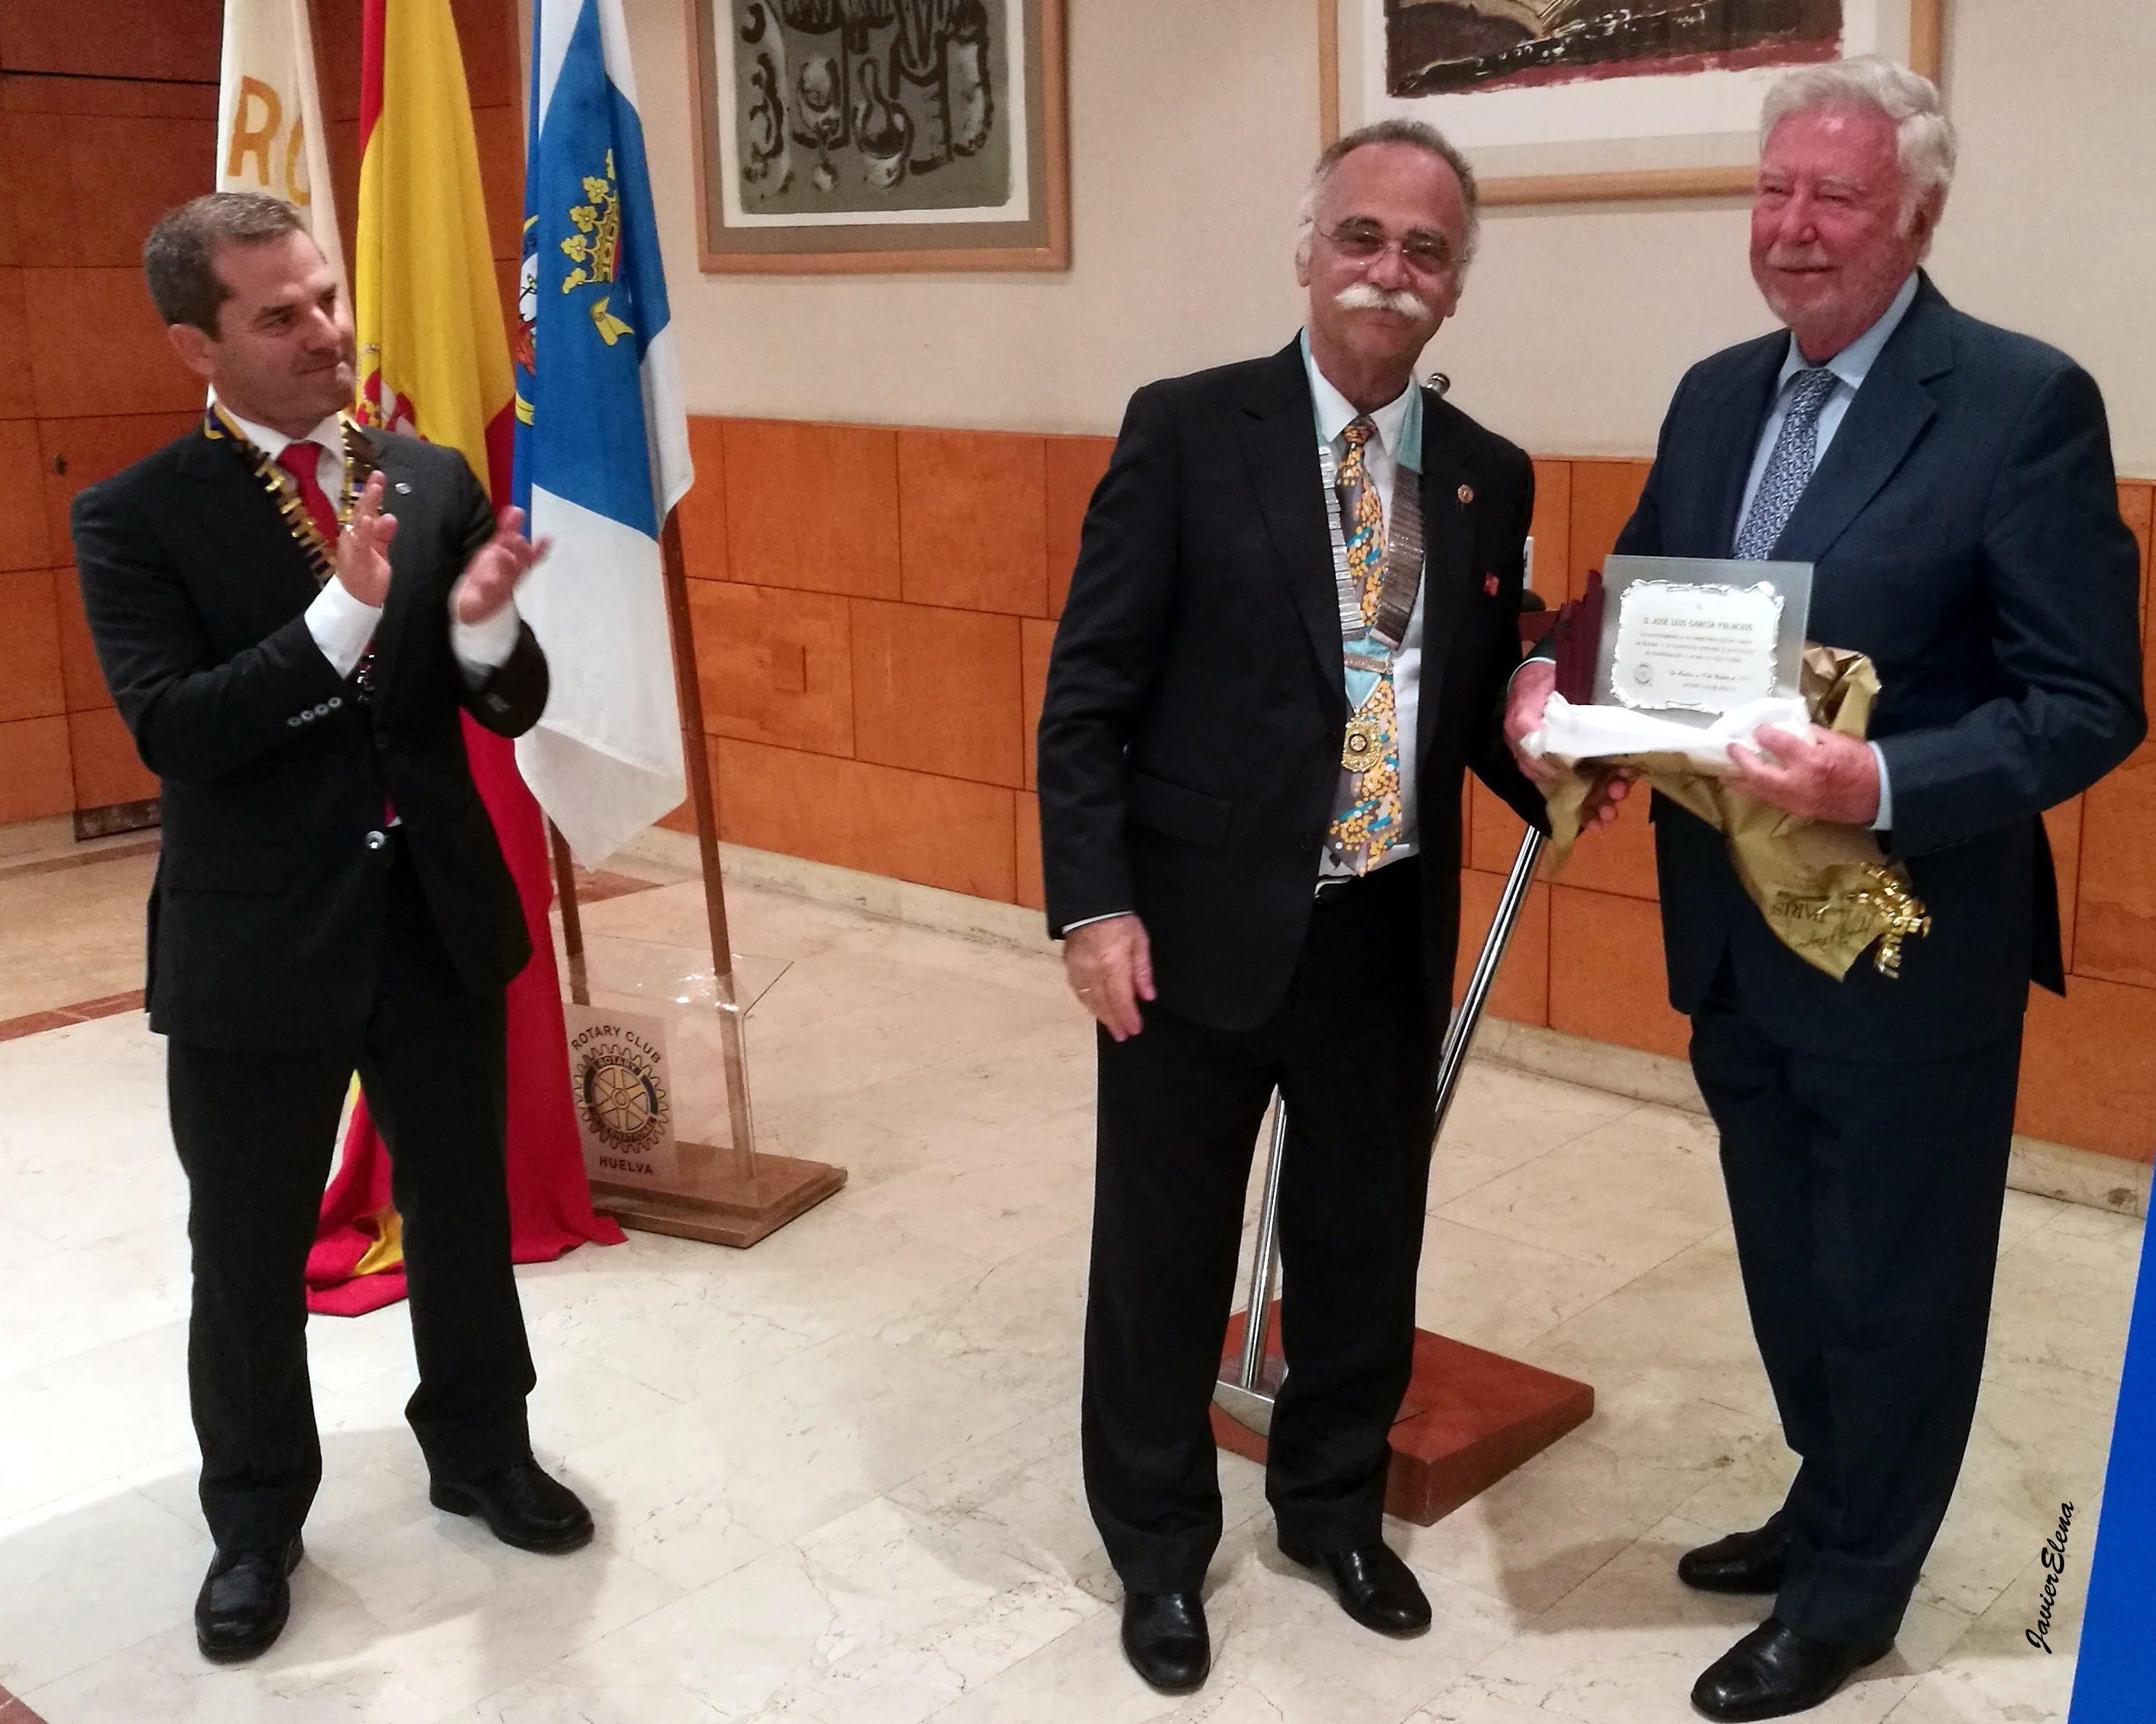 Homenaje del Rotary Club de Huelva a José Luis García Palacios, al que asistió el gobernador del Distrito 2203.